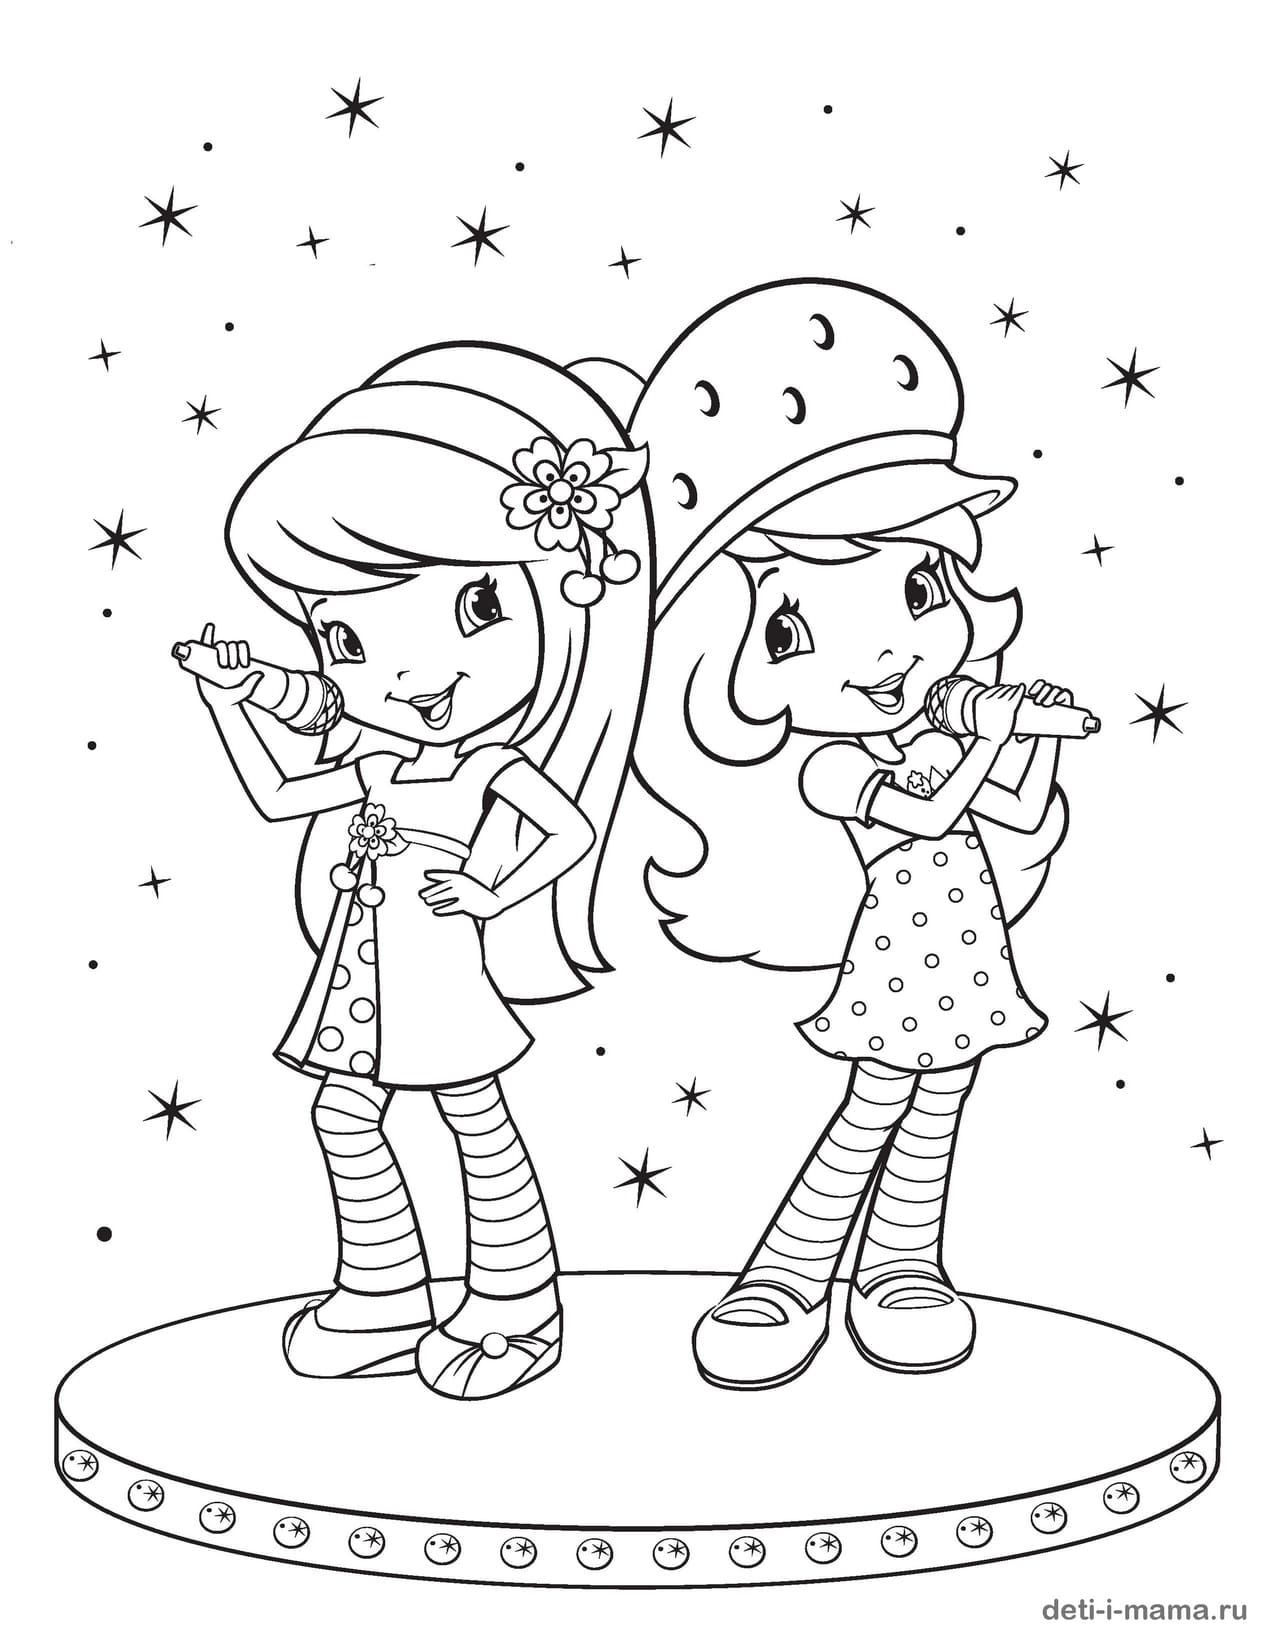 Раскраска девочек, которые поют